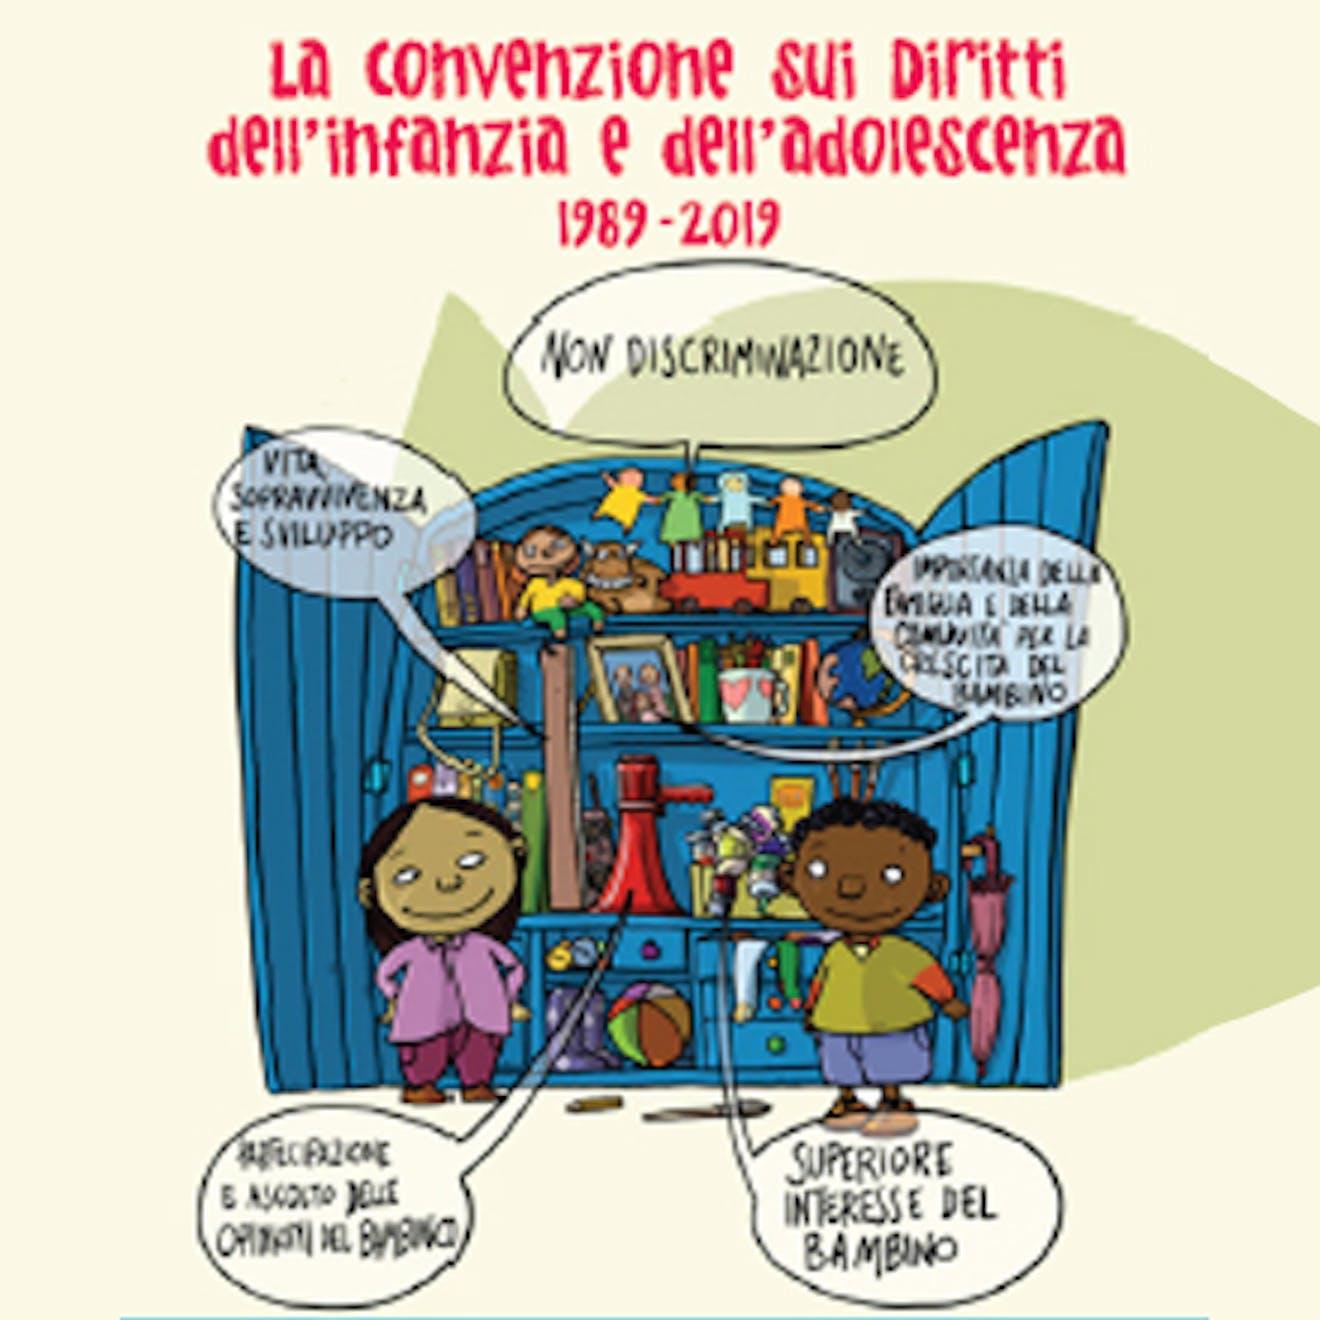 Il 20 novembre del 1989, l'Assemblea Generale delle Nazioni Unite approvò la Convenzione sui Diritti dell'Infanzia e dell'adolescenza, un trattato internazionale dalla portata storica che, con i  suoi 196 Stati parte è il trattato più ratificato in materia di  diritti umani (in Italia la ratifica è avvenuta con Legge n.176 del 27 maggio 1991).